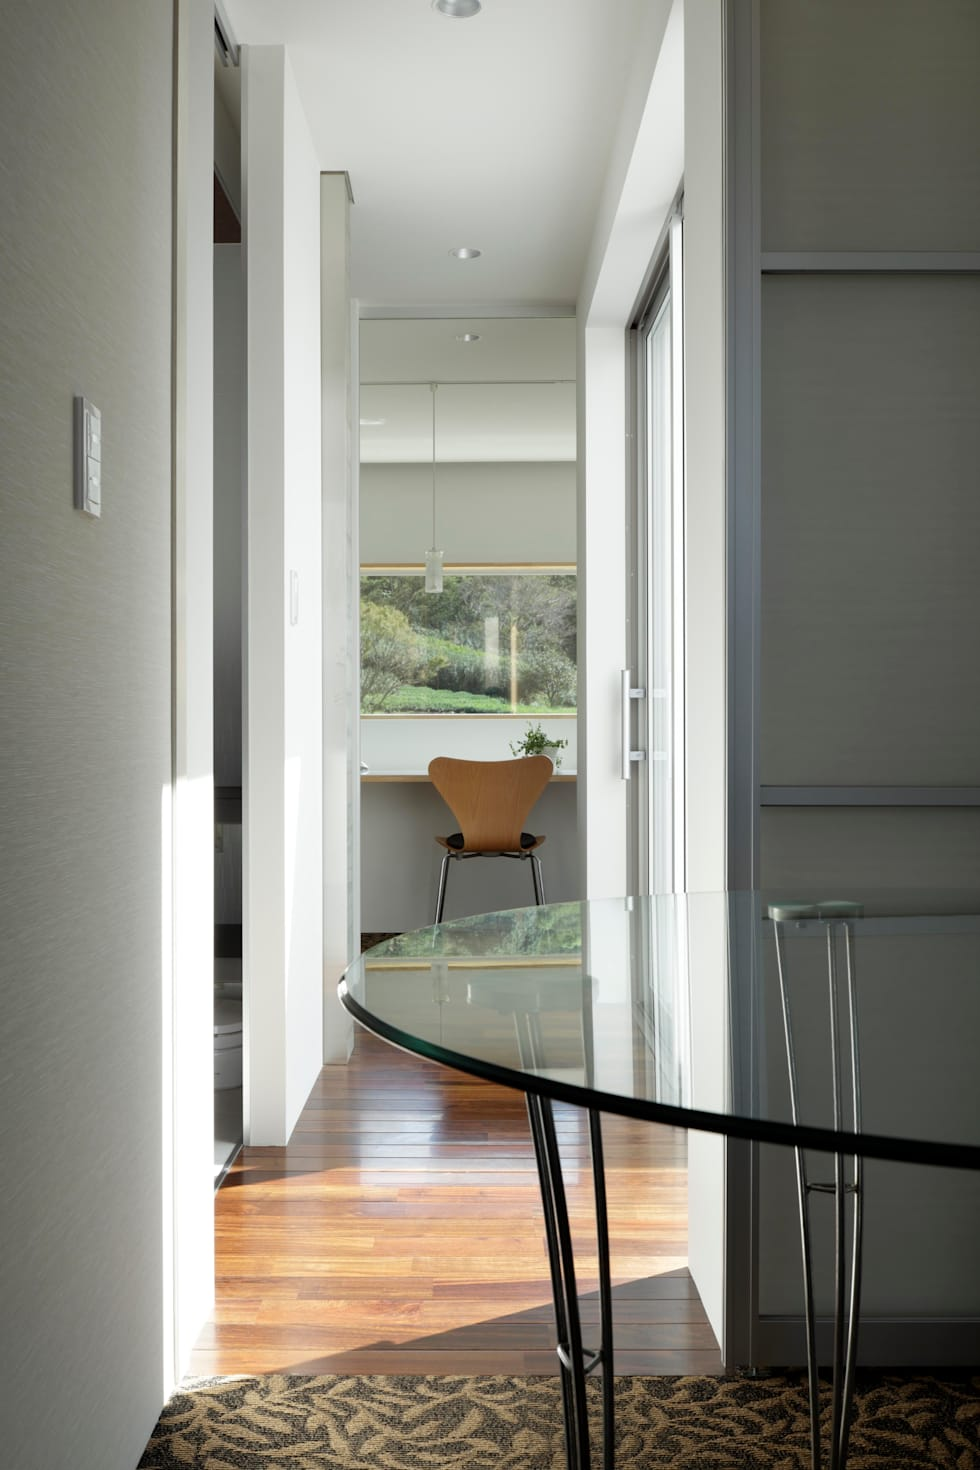 2階 寝室からリビングスペースへ: 久保田正一建築研究所が手掛けた寝室です。